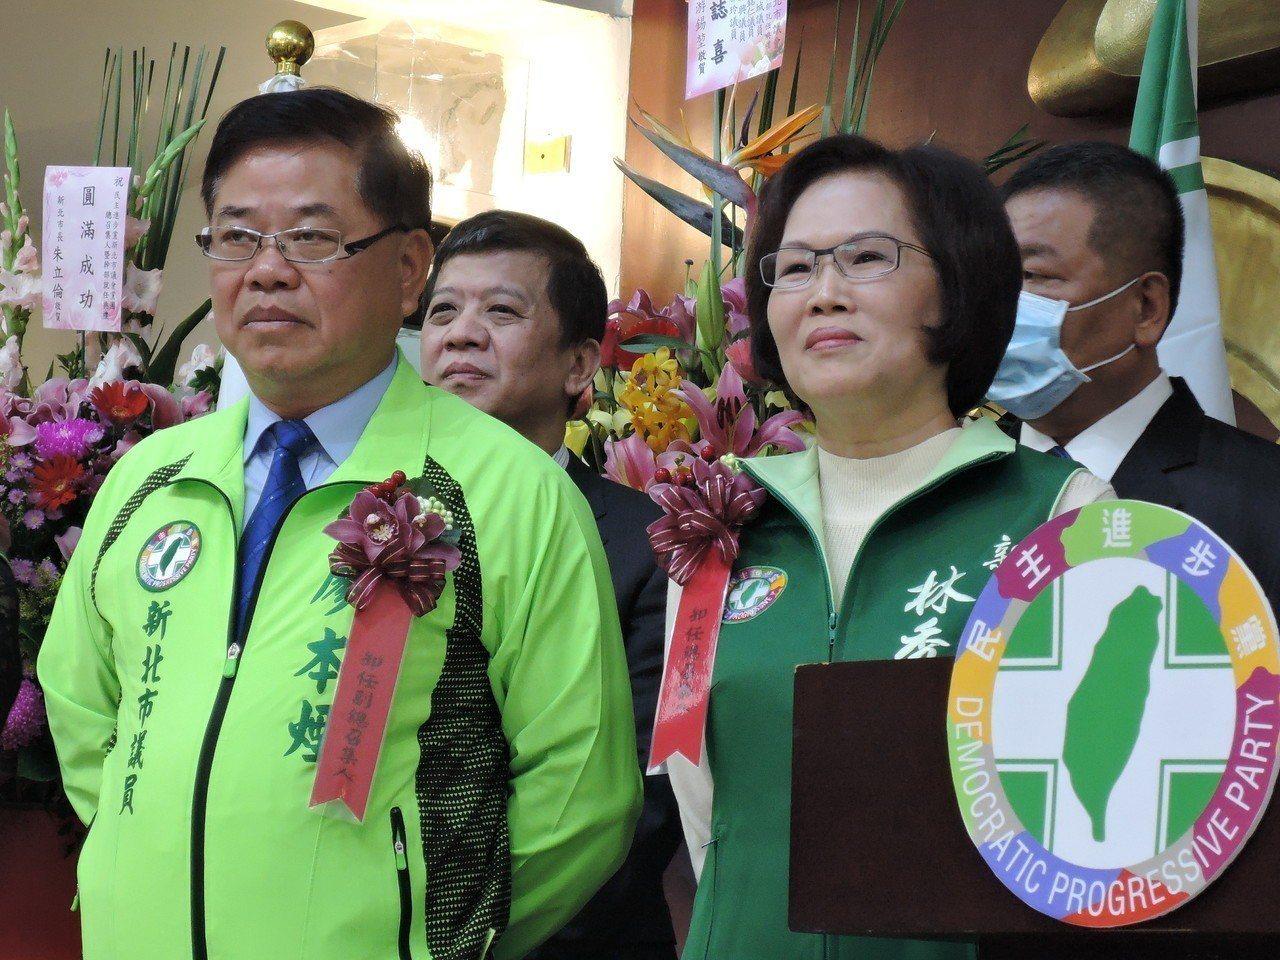 民進黨市議員林秀惠(右)在初選民調順利出線,而土樹三鶯選區議員廖本煙(左)交棒給...